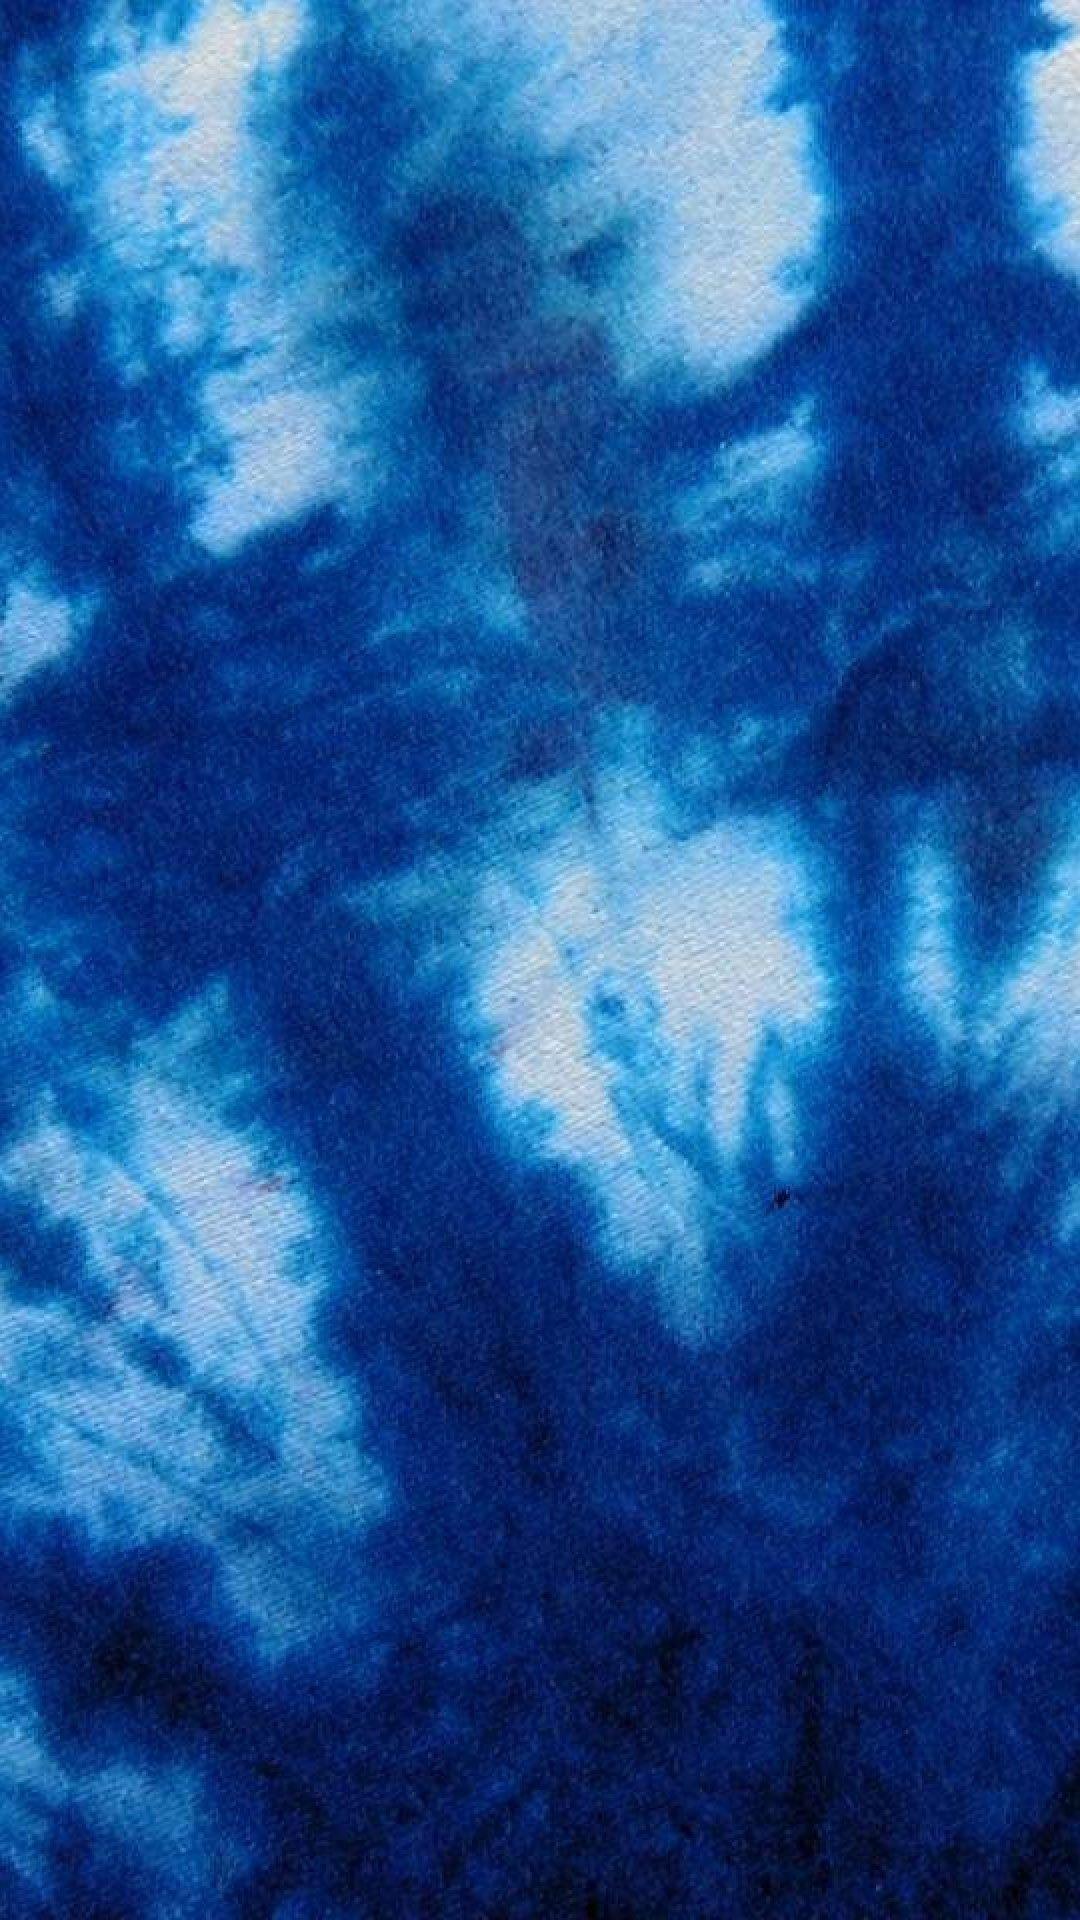 Blue Tie Dye Wallpaper In 2020 Tie Dye Wallpaper Blue Tie Dye Tie Dye